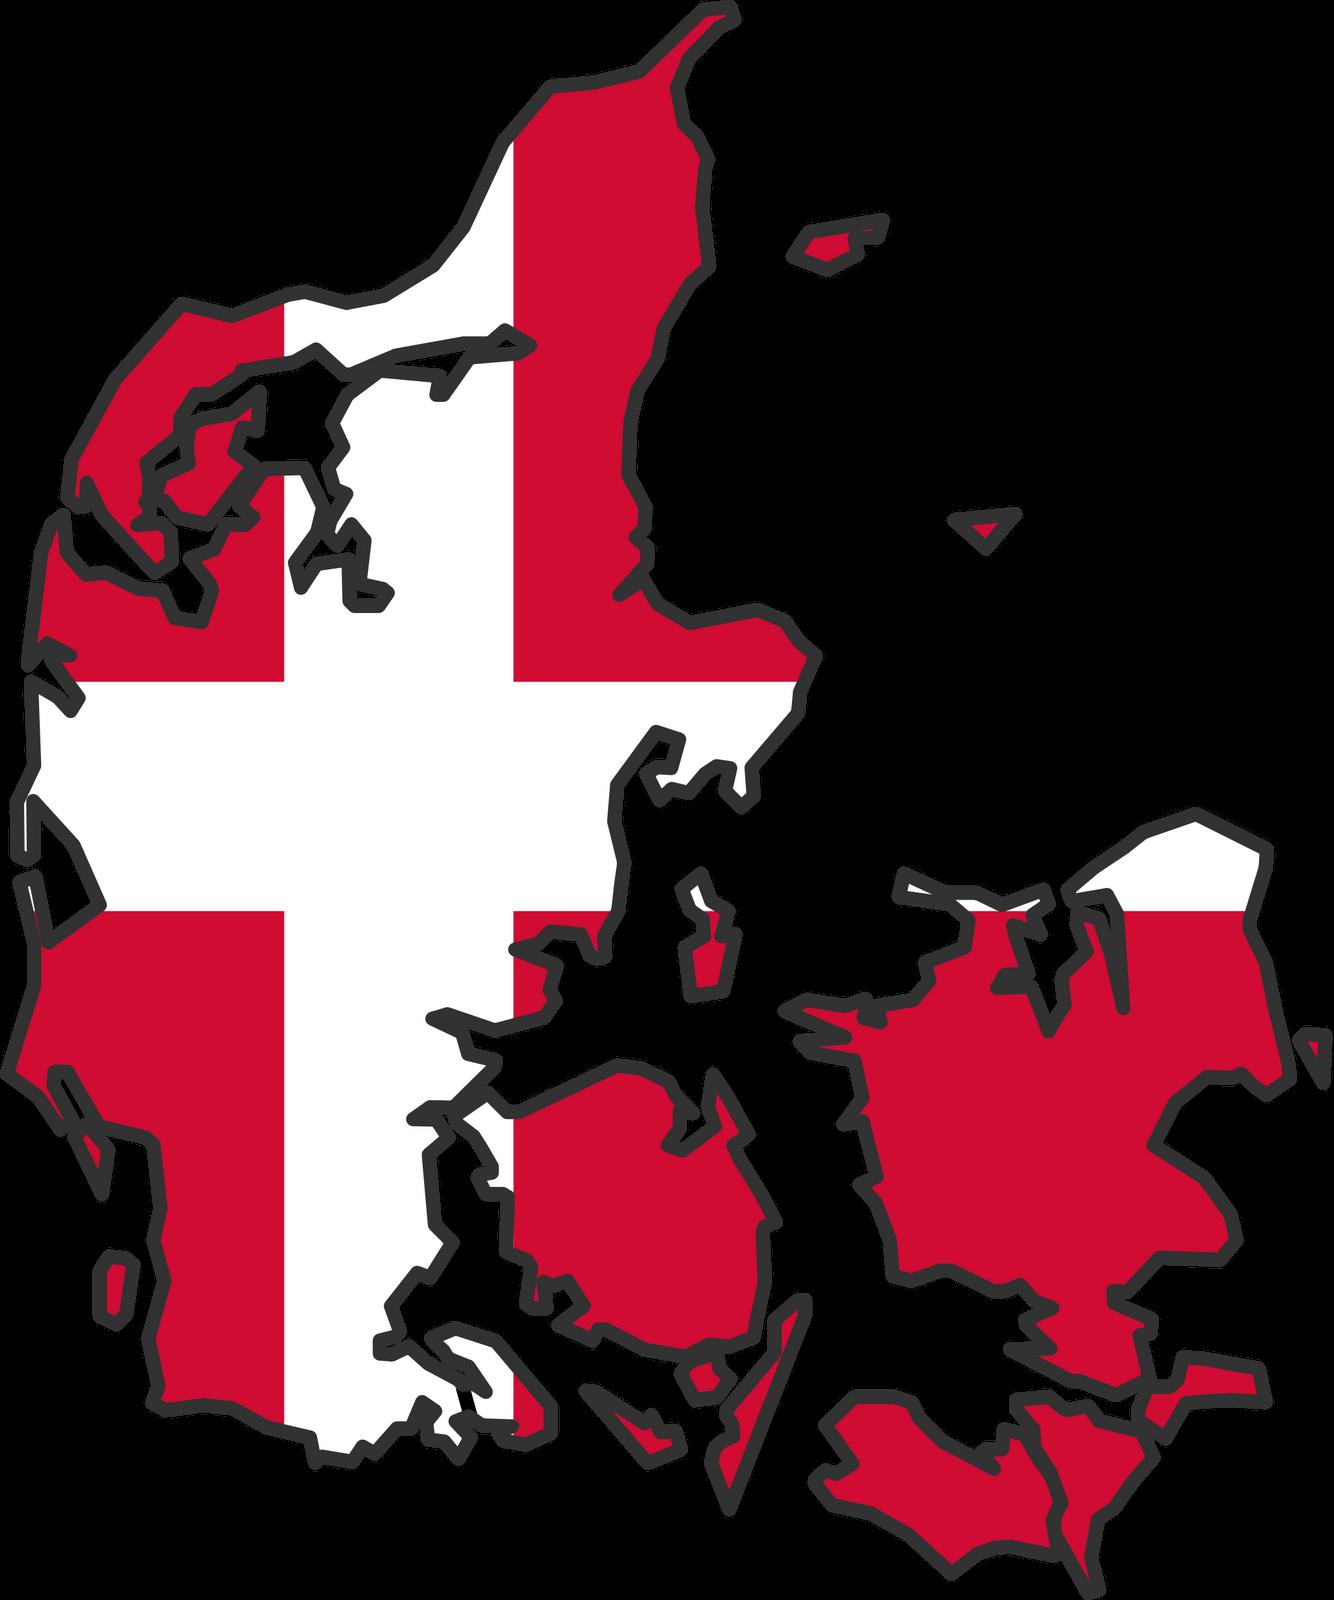 Denmark clipart denmark Clipart Clipart art Denmark clip